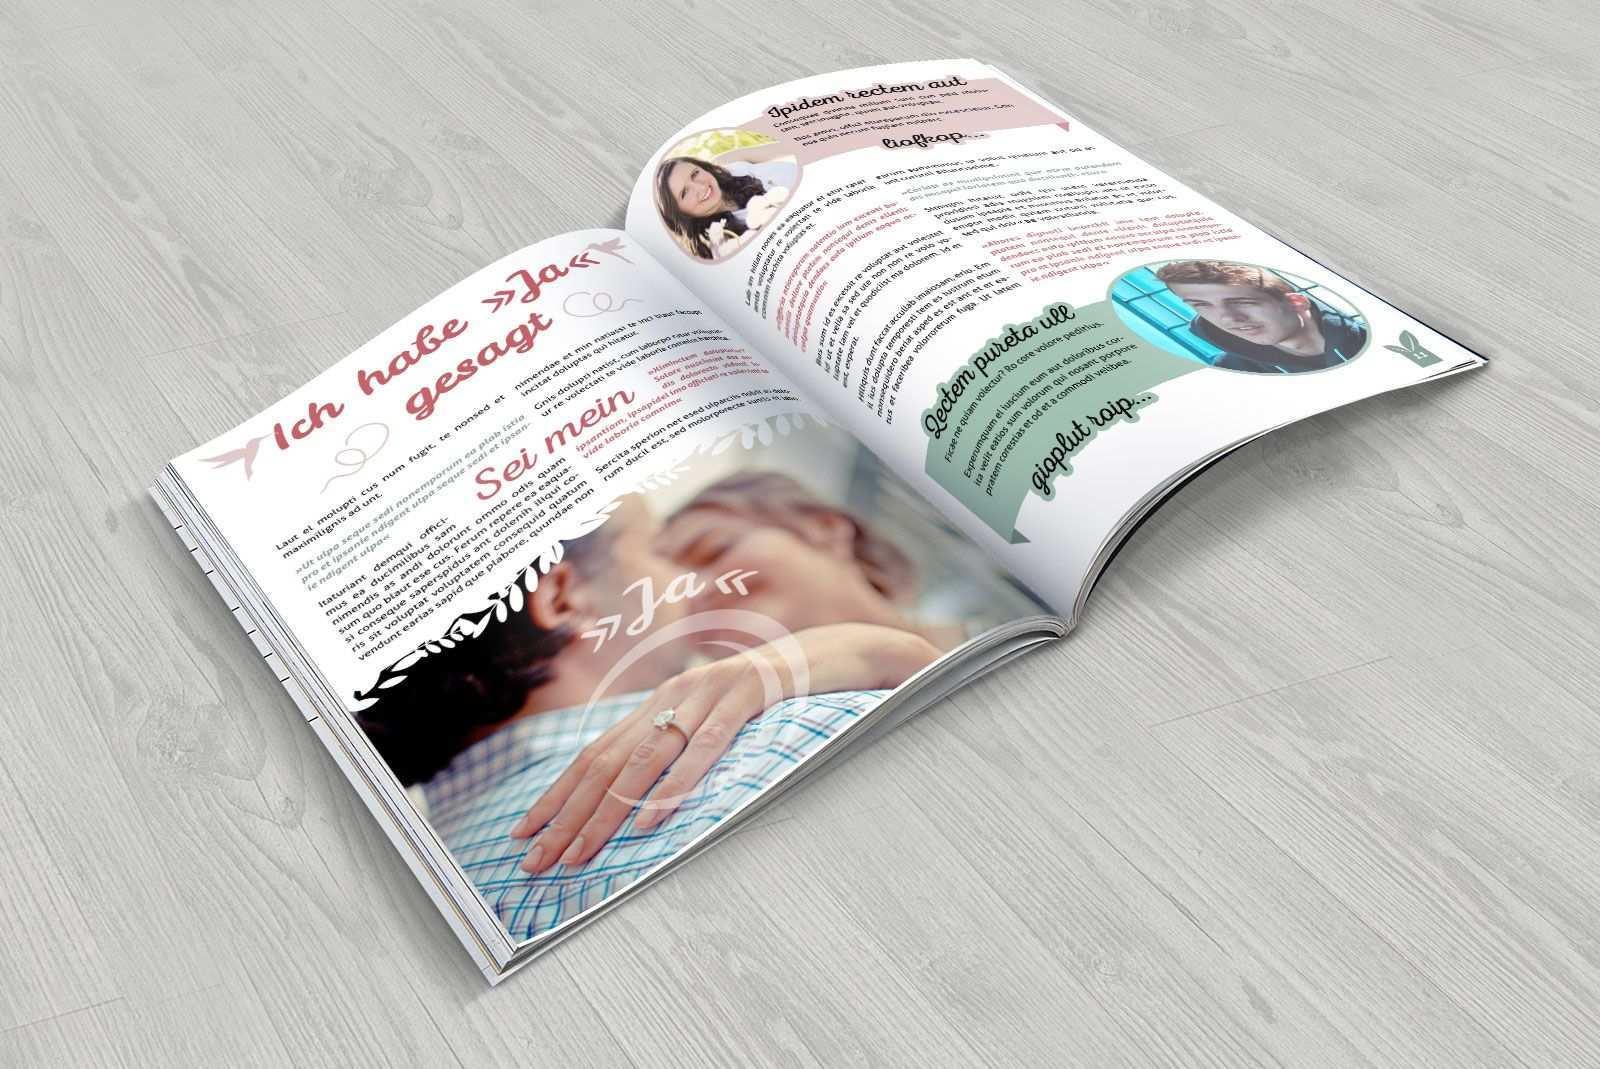 Hochzeitszeitung Vorlagen Fur Powerpoint Indesign Hochzeitszeitung Vorlagen Hochzeit